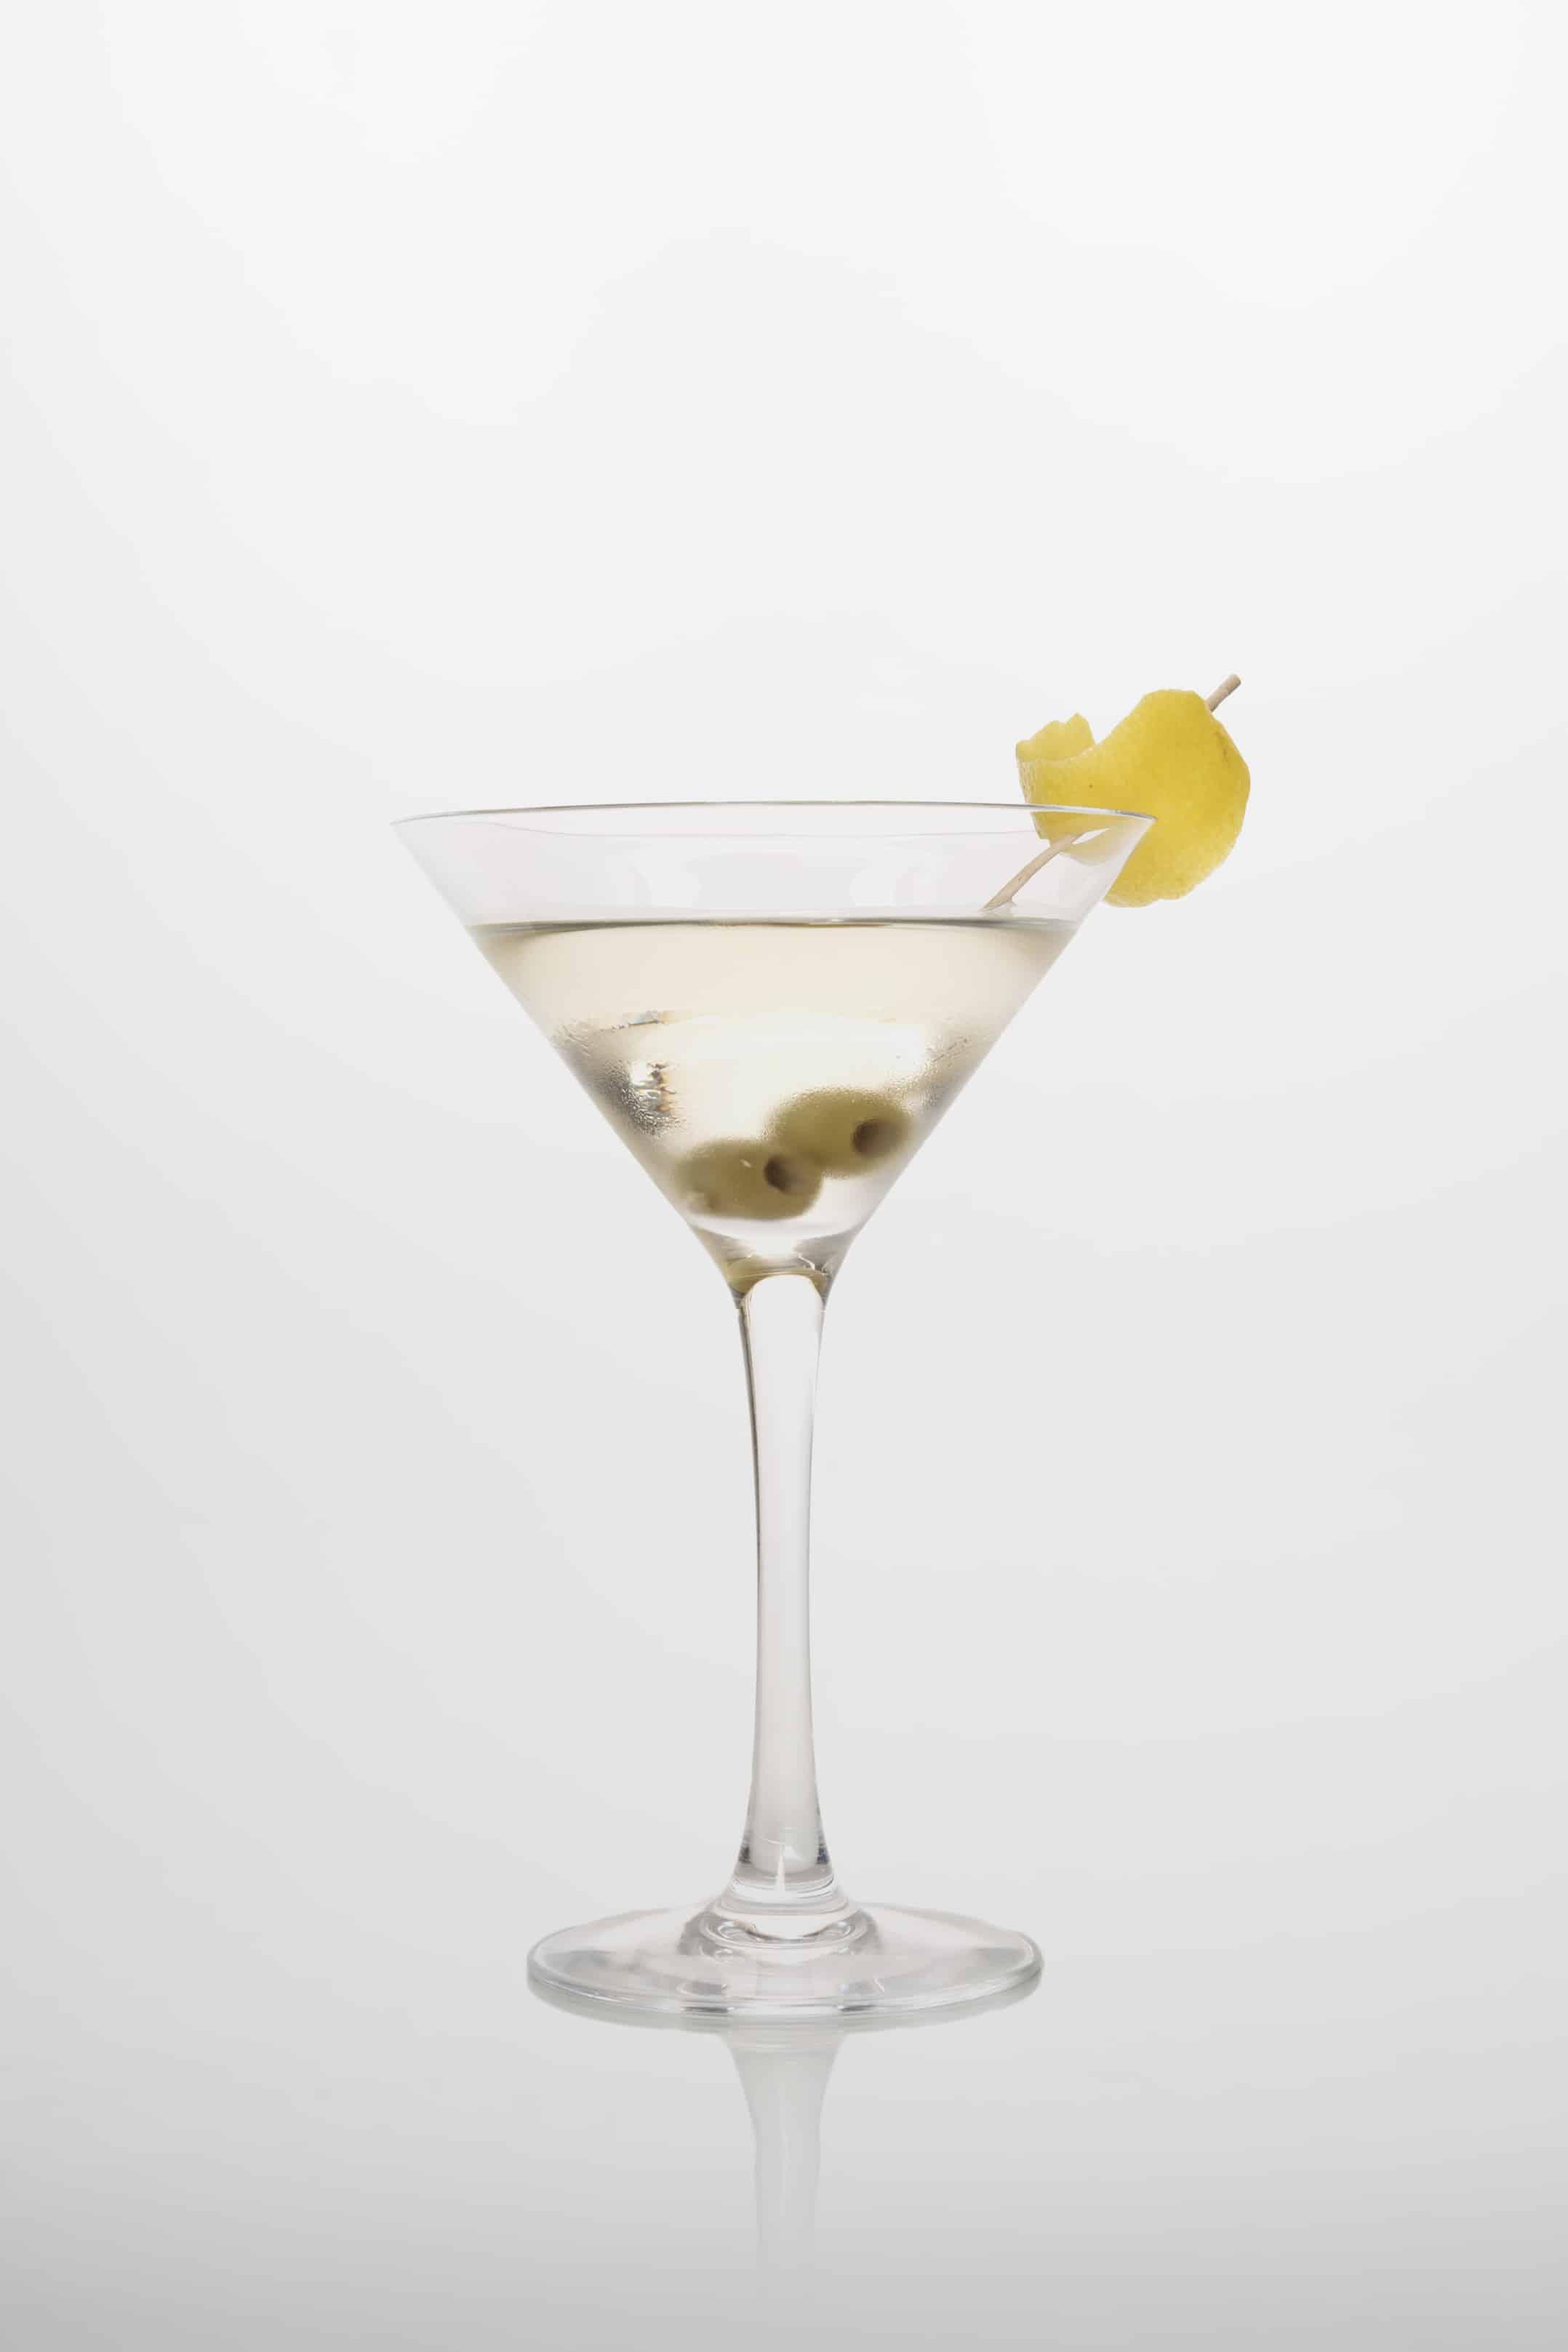 Martini Cocktail: Gin, weißer Wermut, Zitronenschale oder Olive.